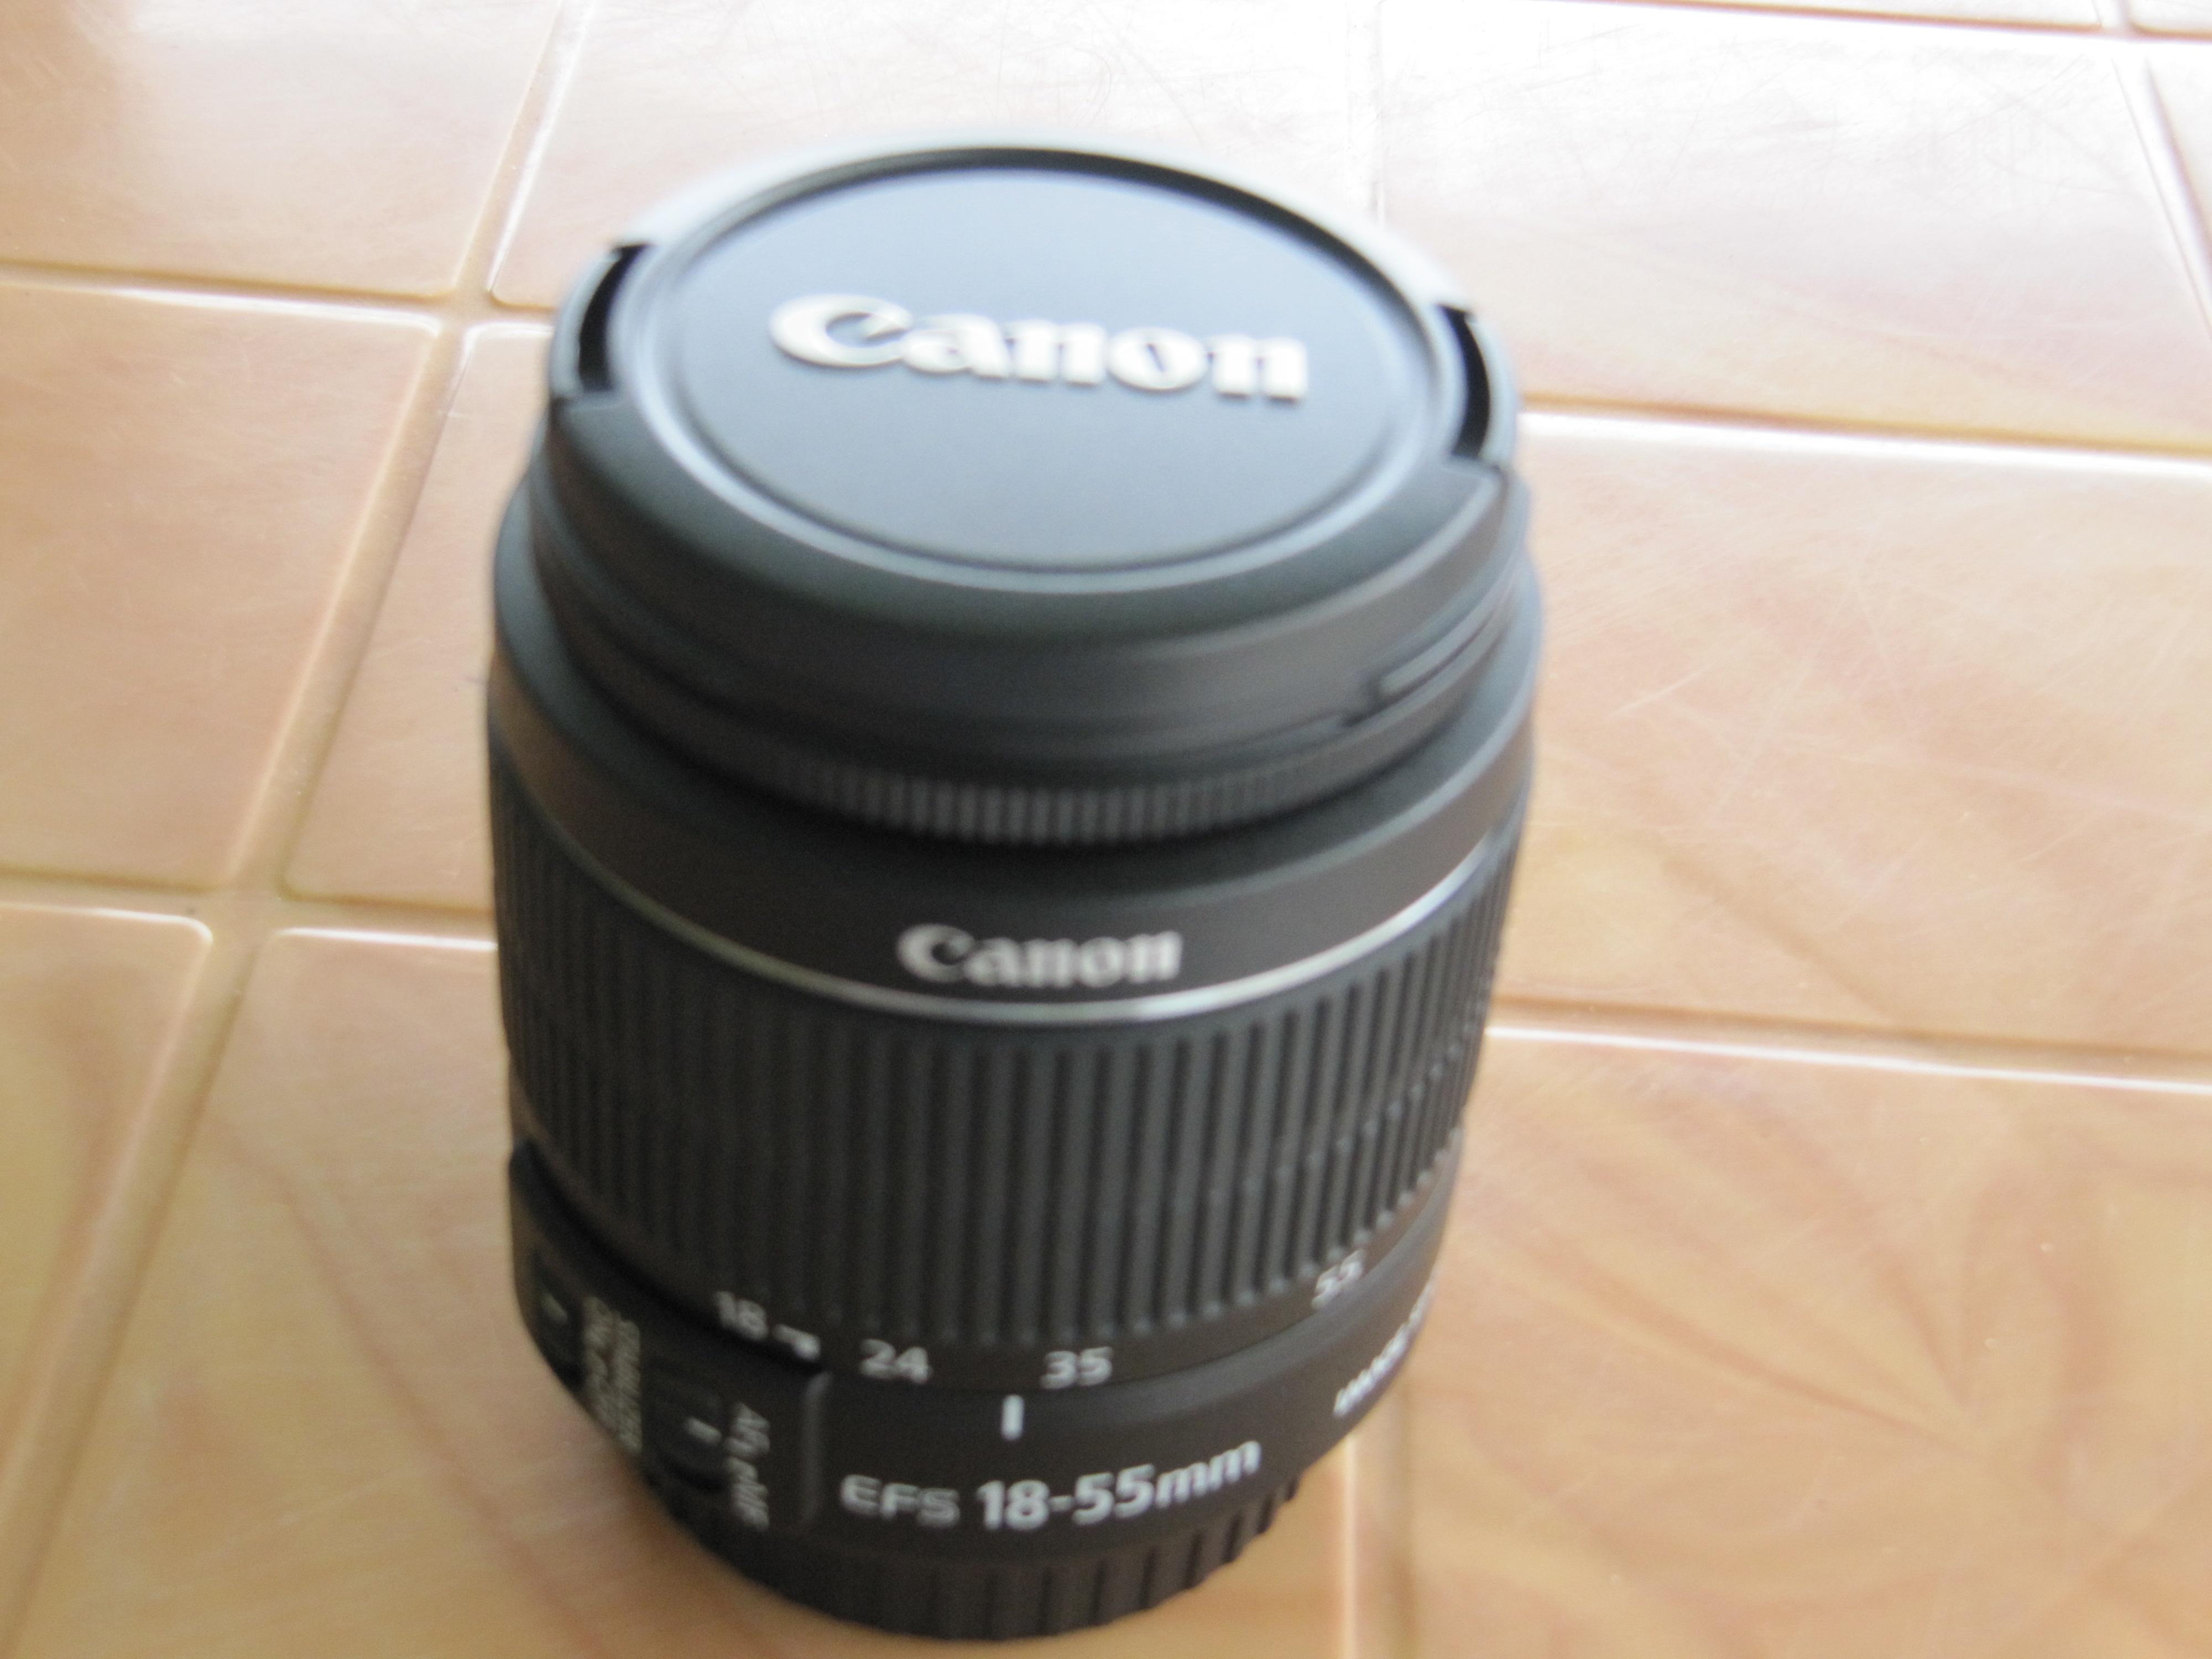 canon zoom lens ef s 18 55mm clickbd. Black Bedroom Furniture Sets. Home Design Ideas